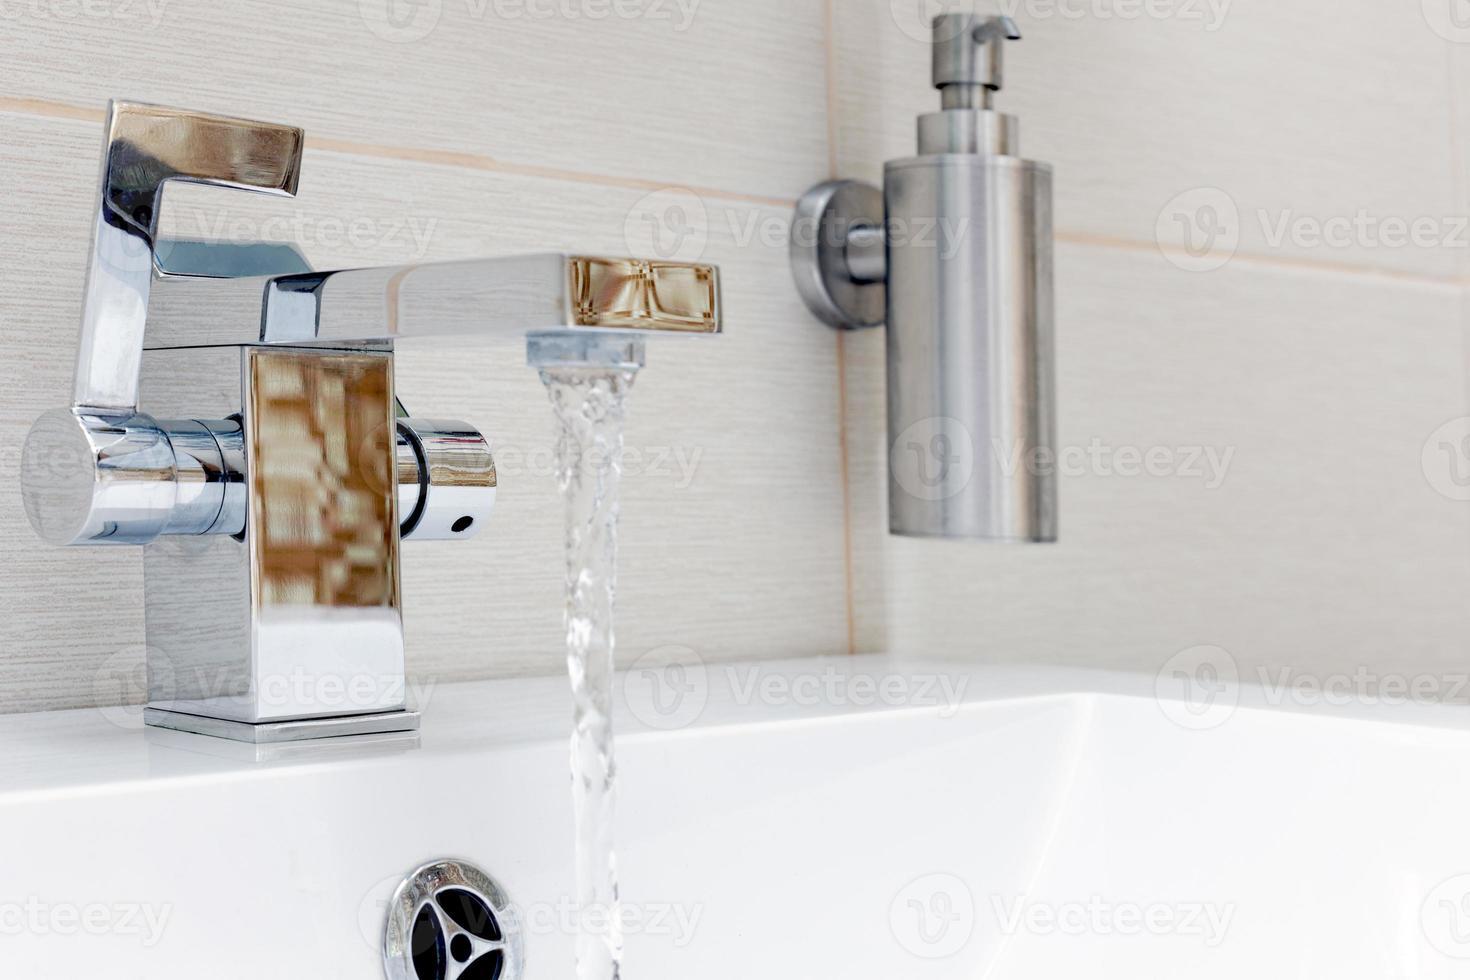 grifo de placa de cromo con agua. foto